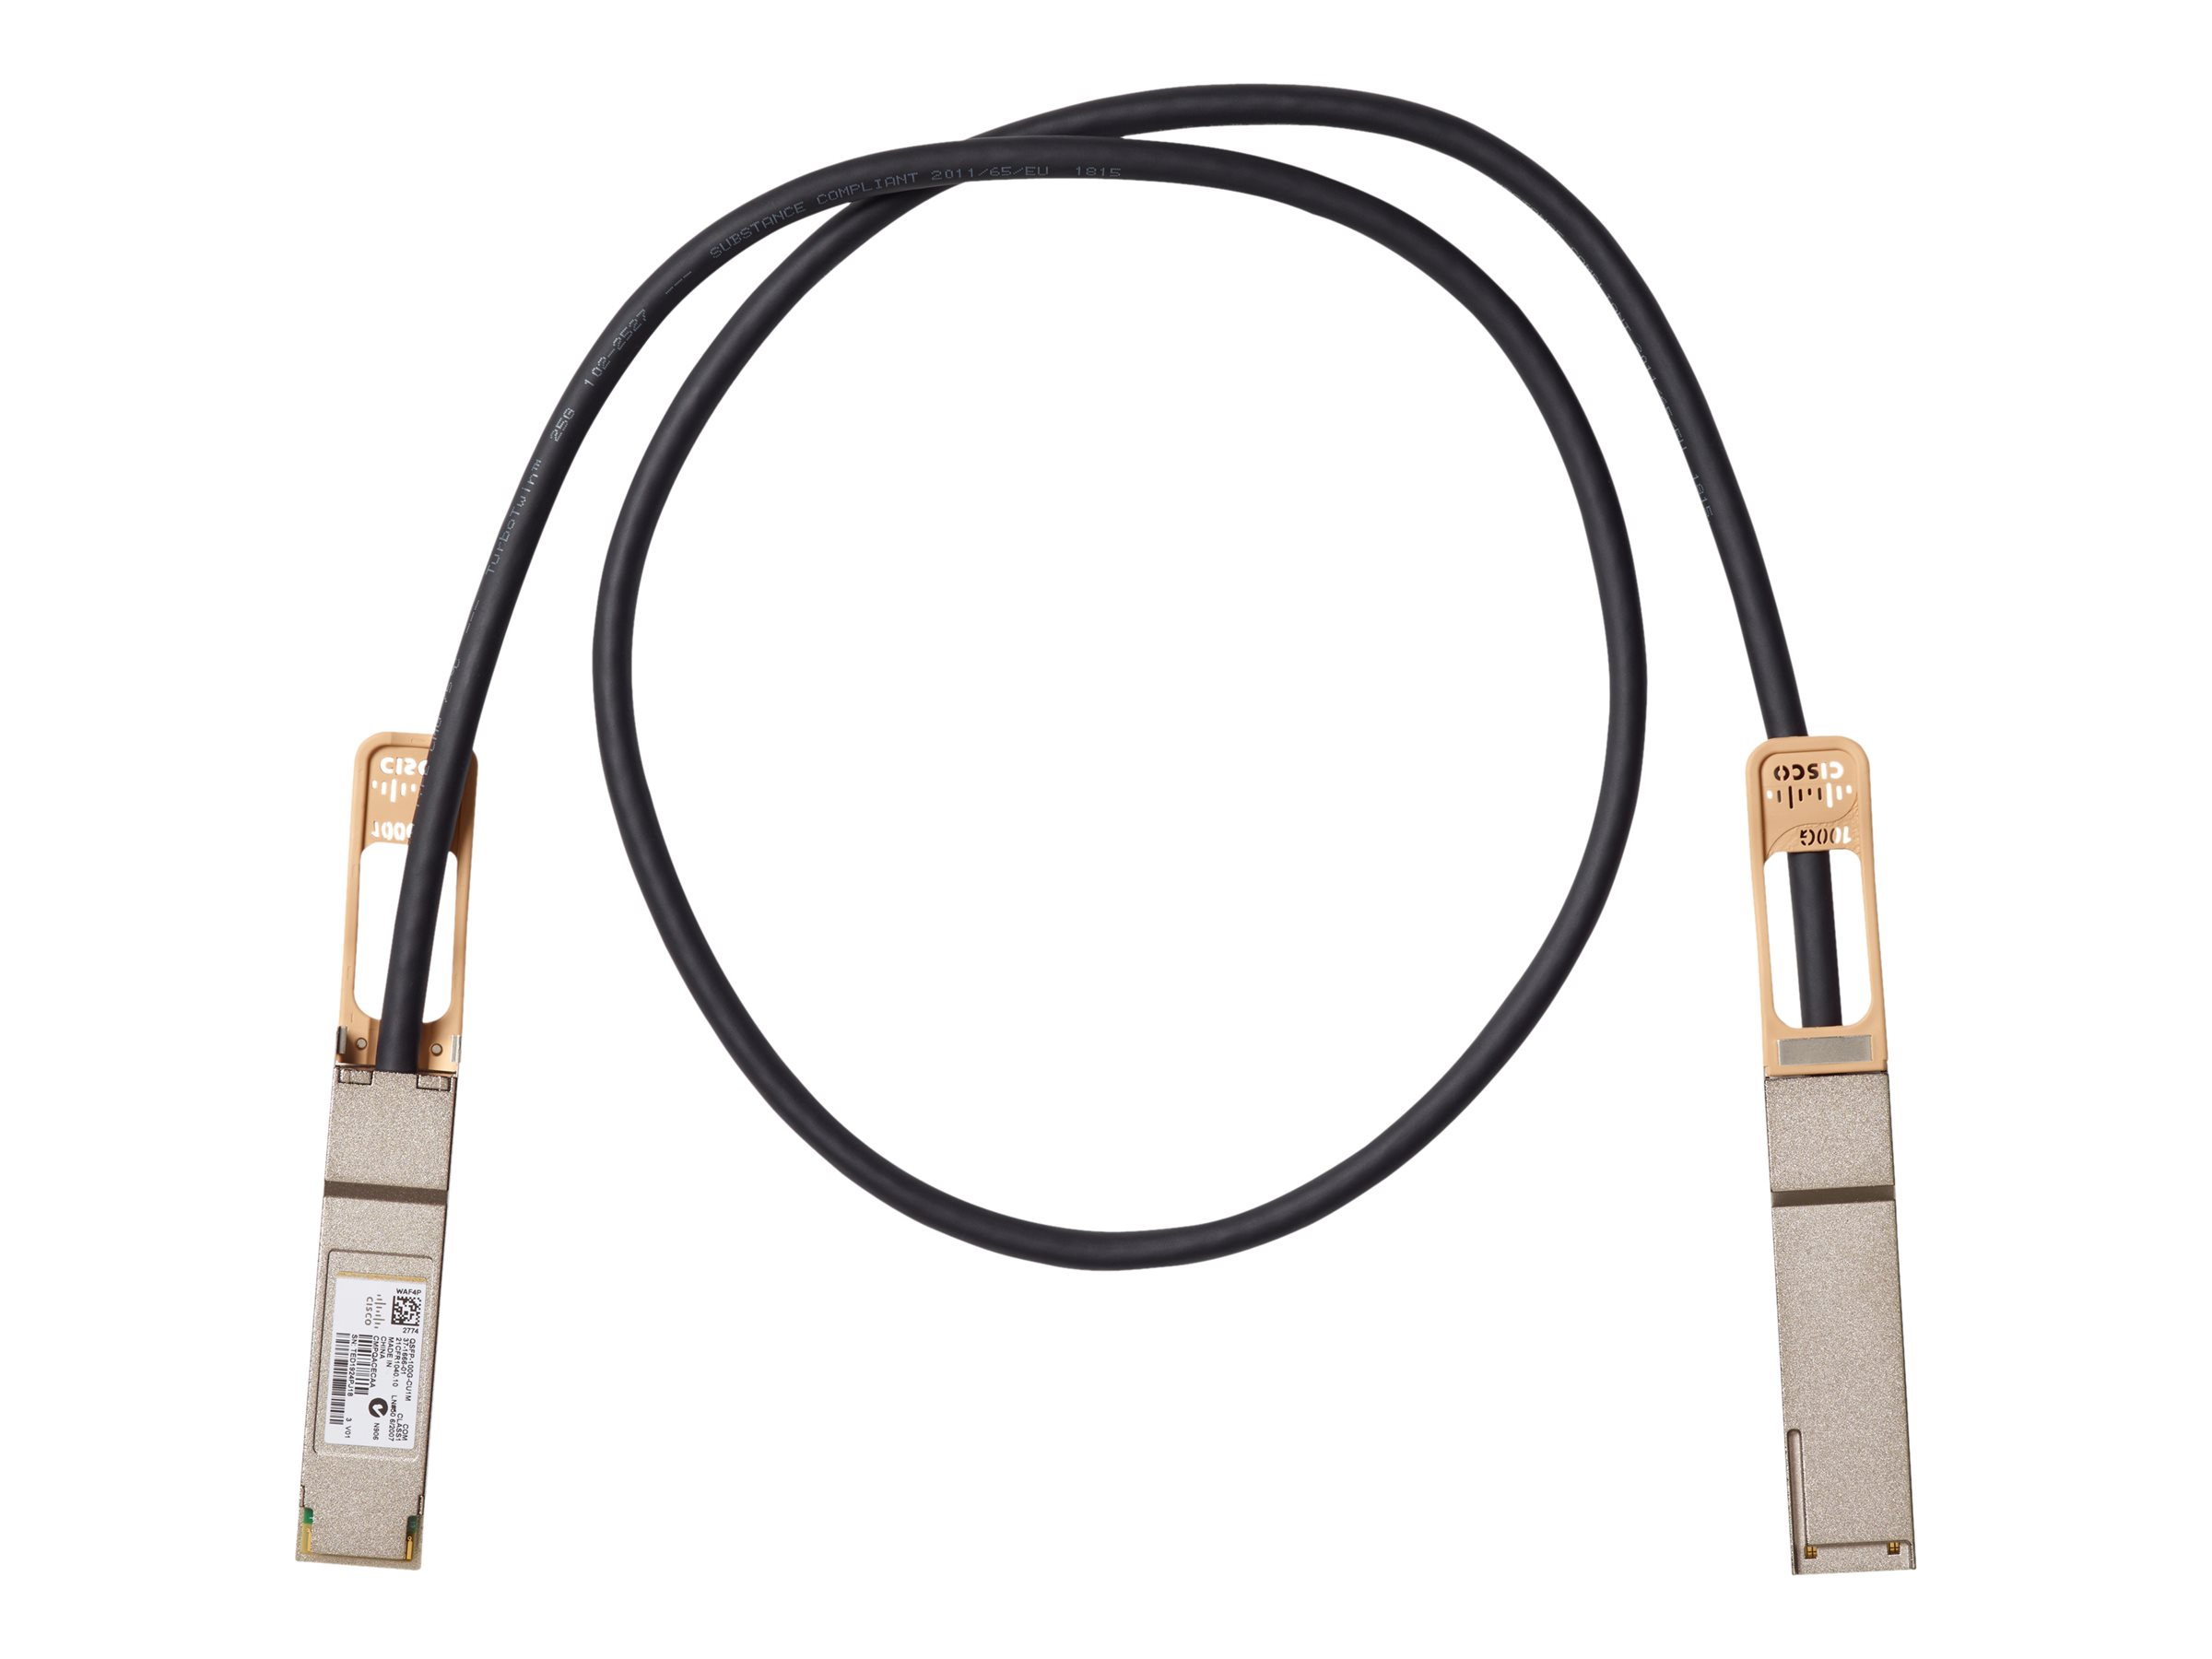 Cisco Copper Cable - 100GBase Direktanschlusskabel - QSFP (M)